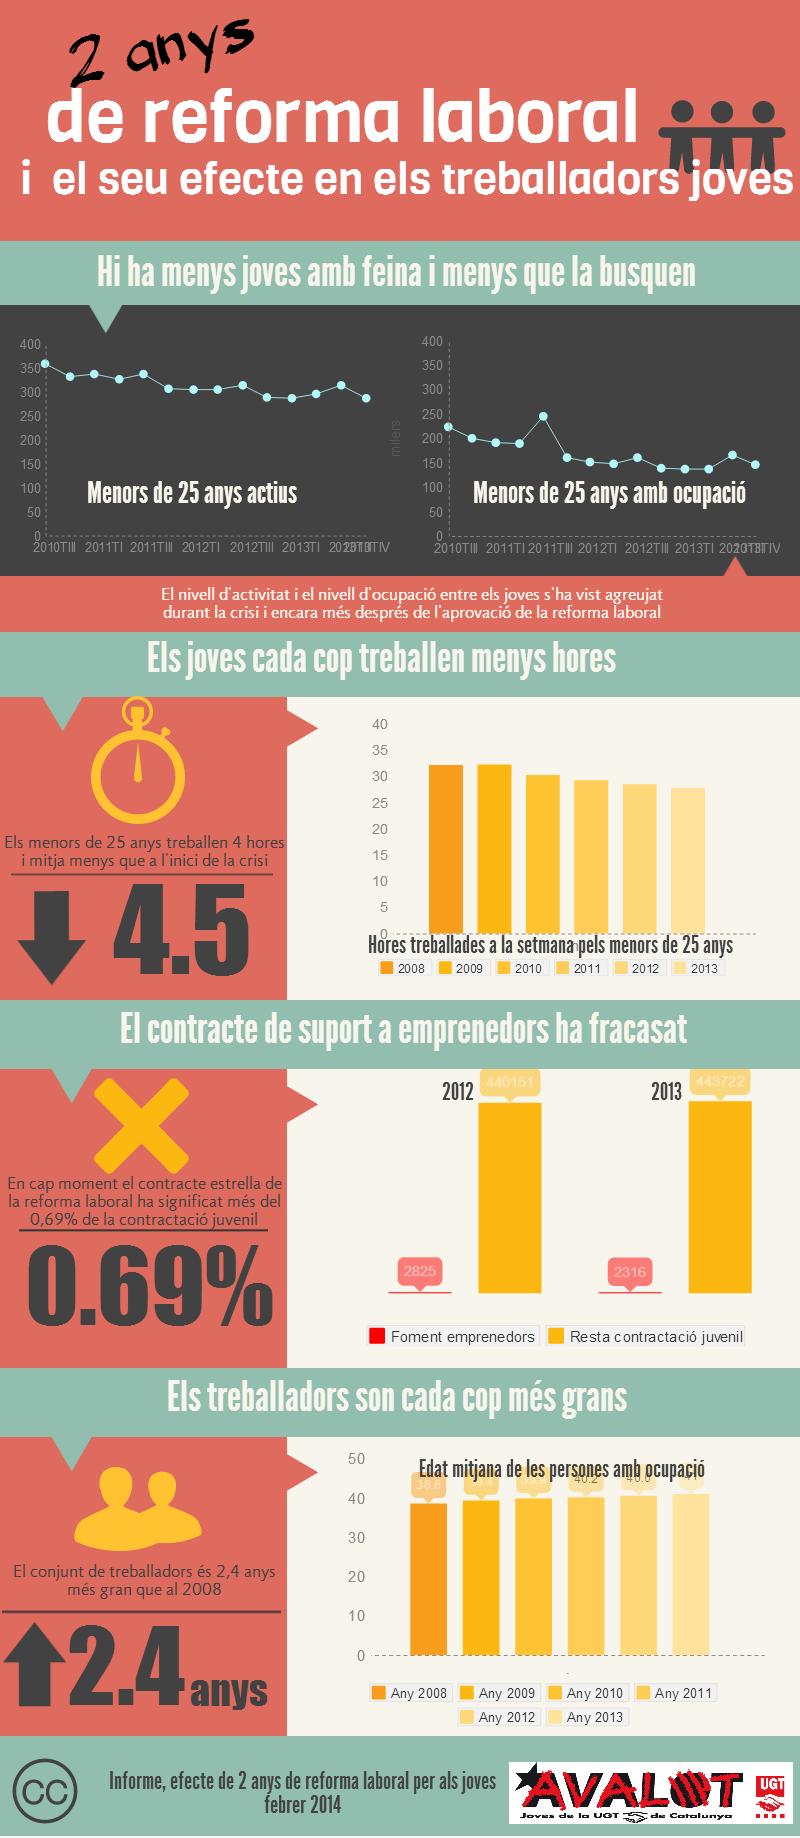 Infografia: los efectos de la reforma laboral en los trabajadores jóvenes catalanes